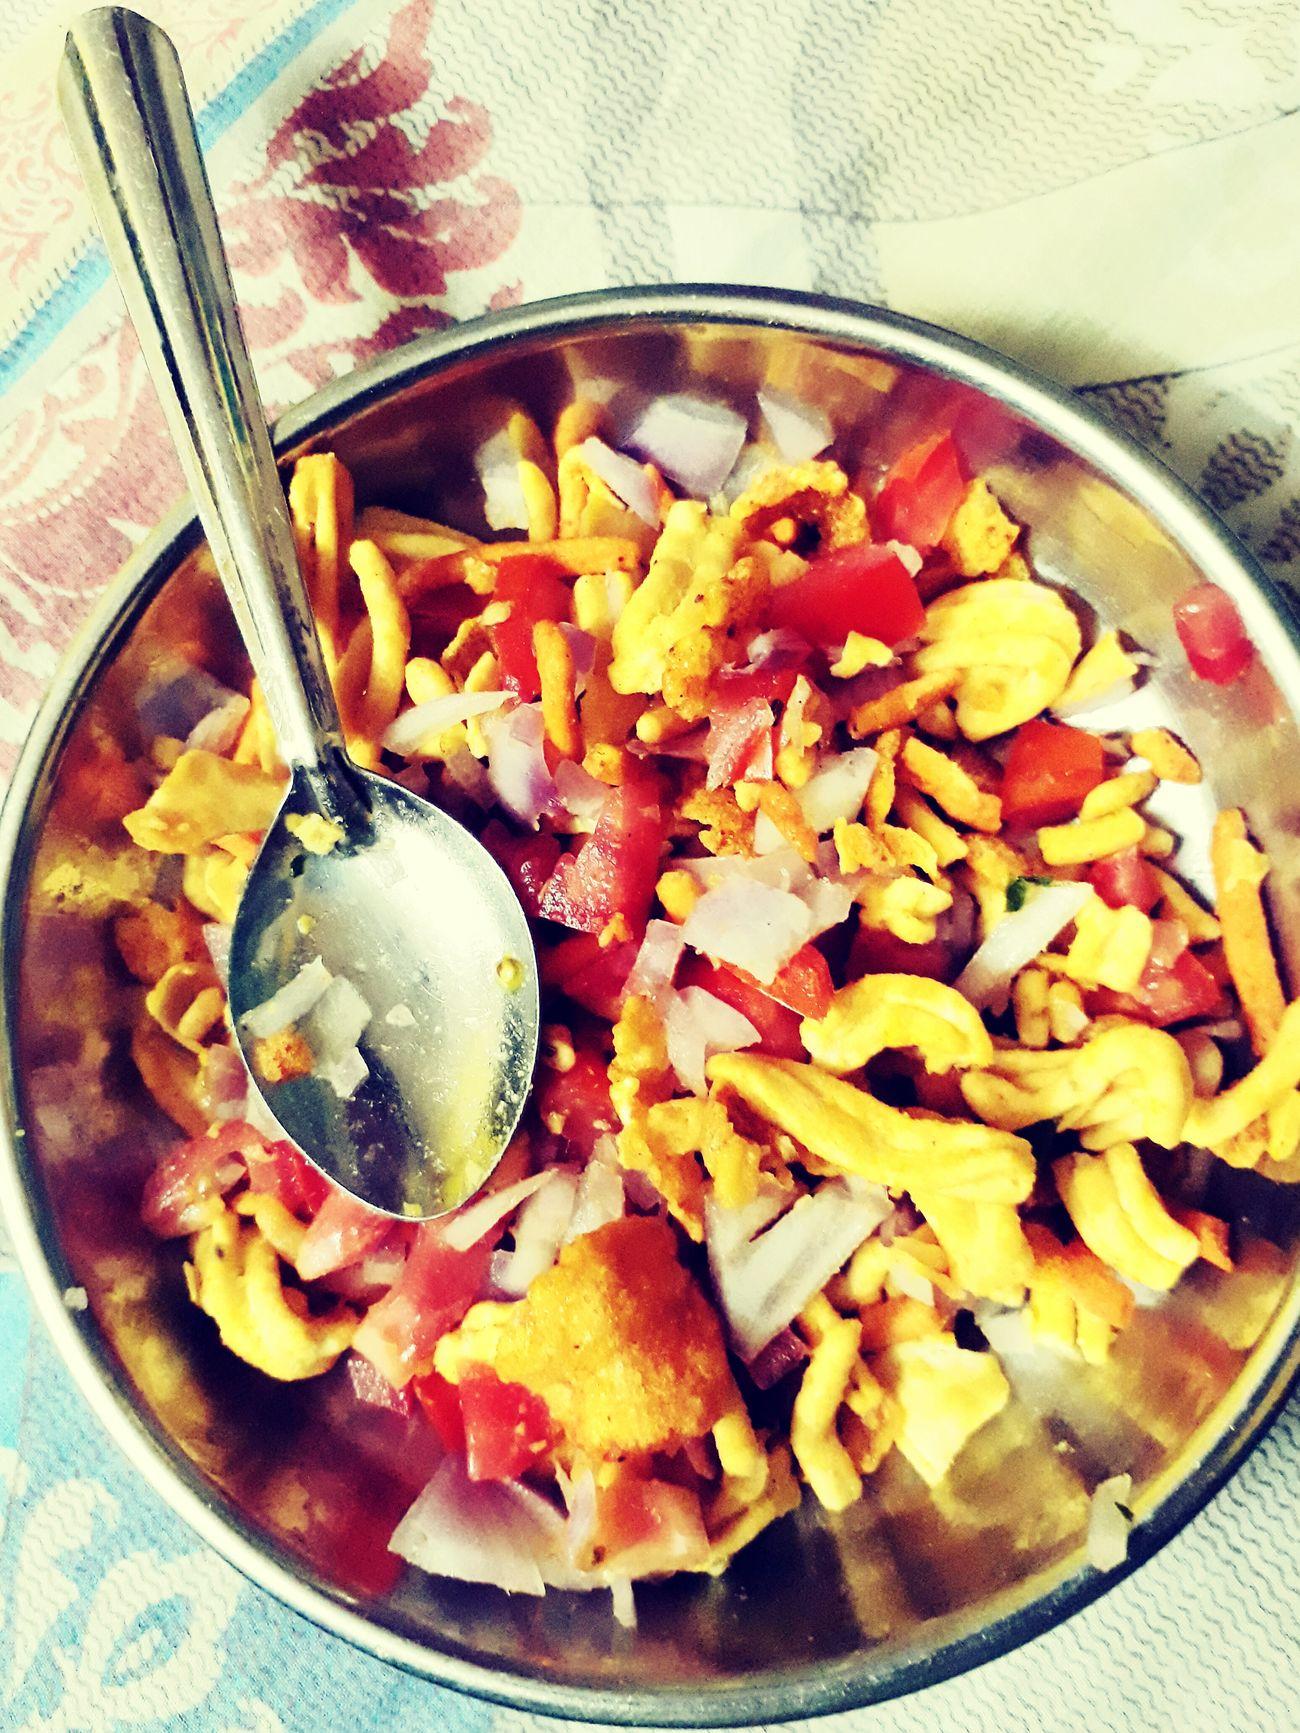 Fast Food Misalpav😋 Indian Food! 😘 Food